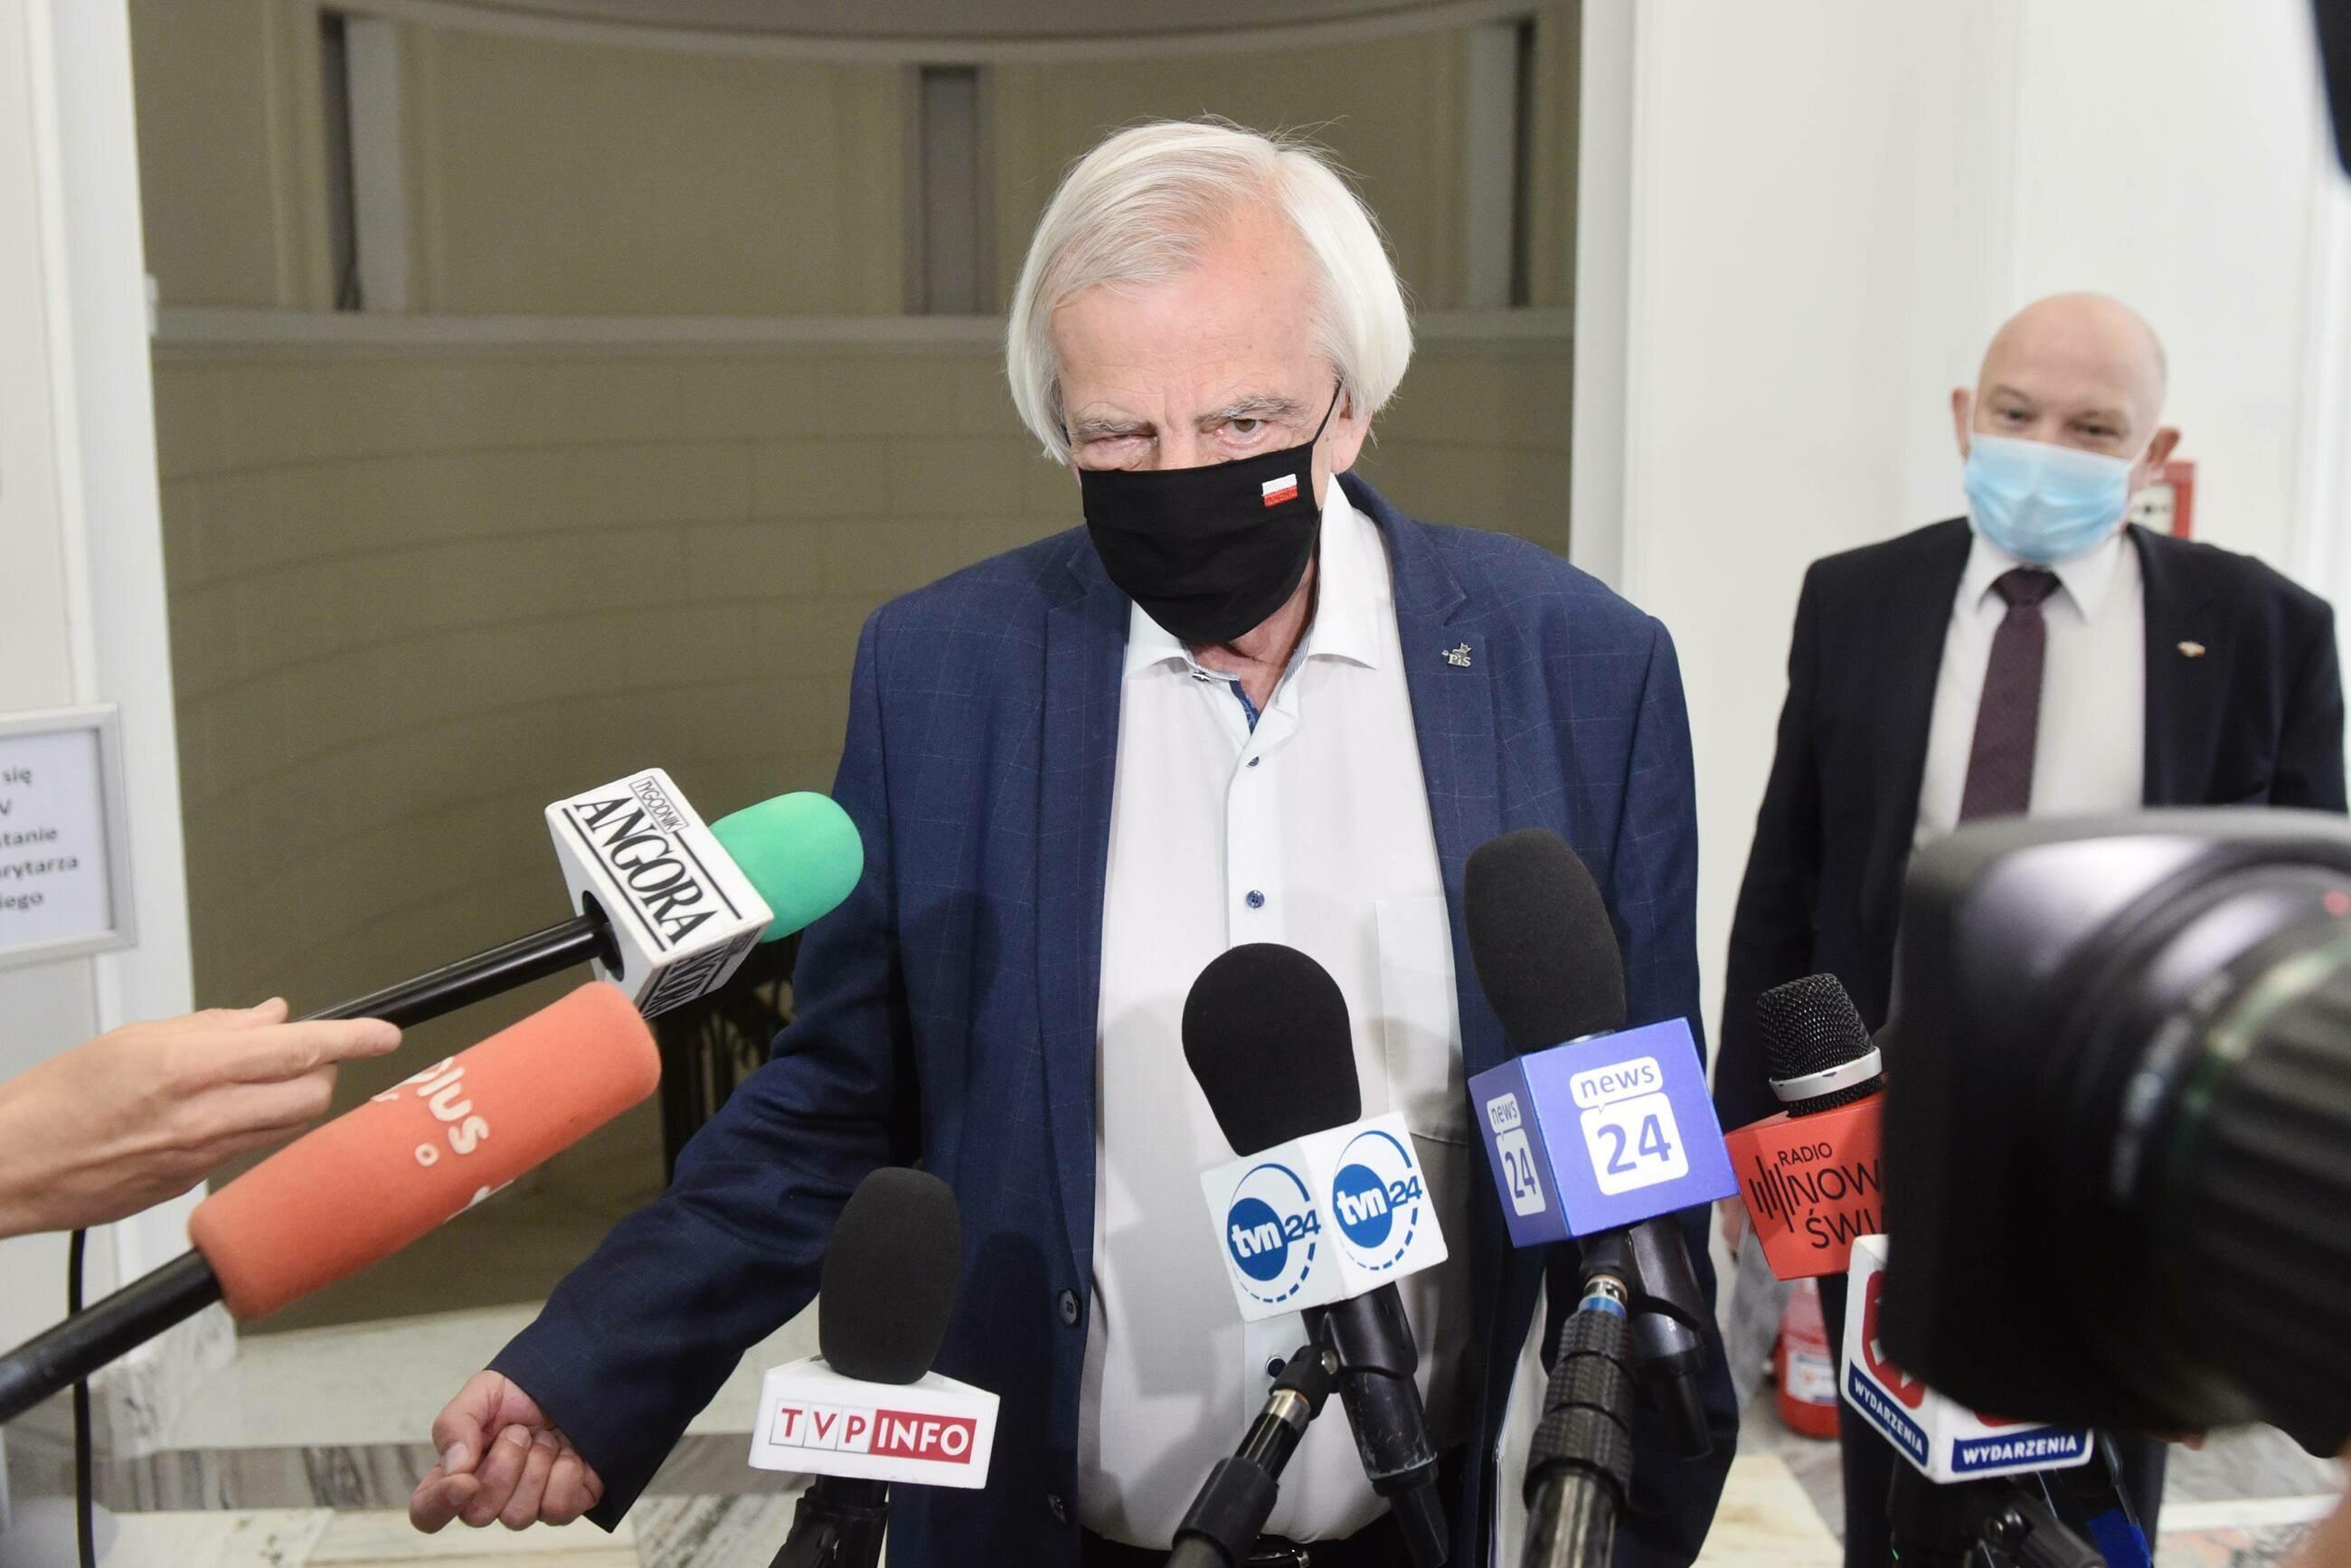 Chaos w sprawie Izby Dyscyplinarnej. PiS łagodzi ton, Ryszard Terlecki zapowiada reformę